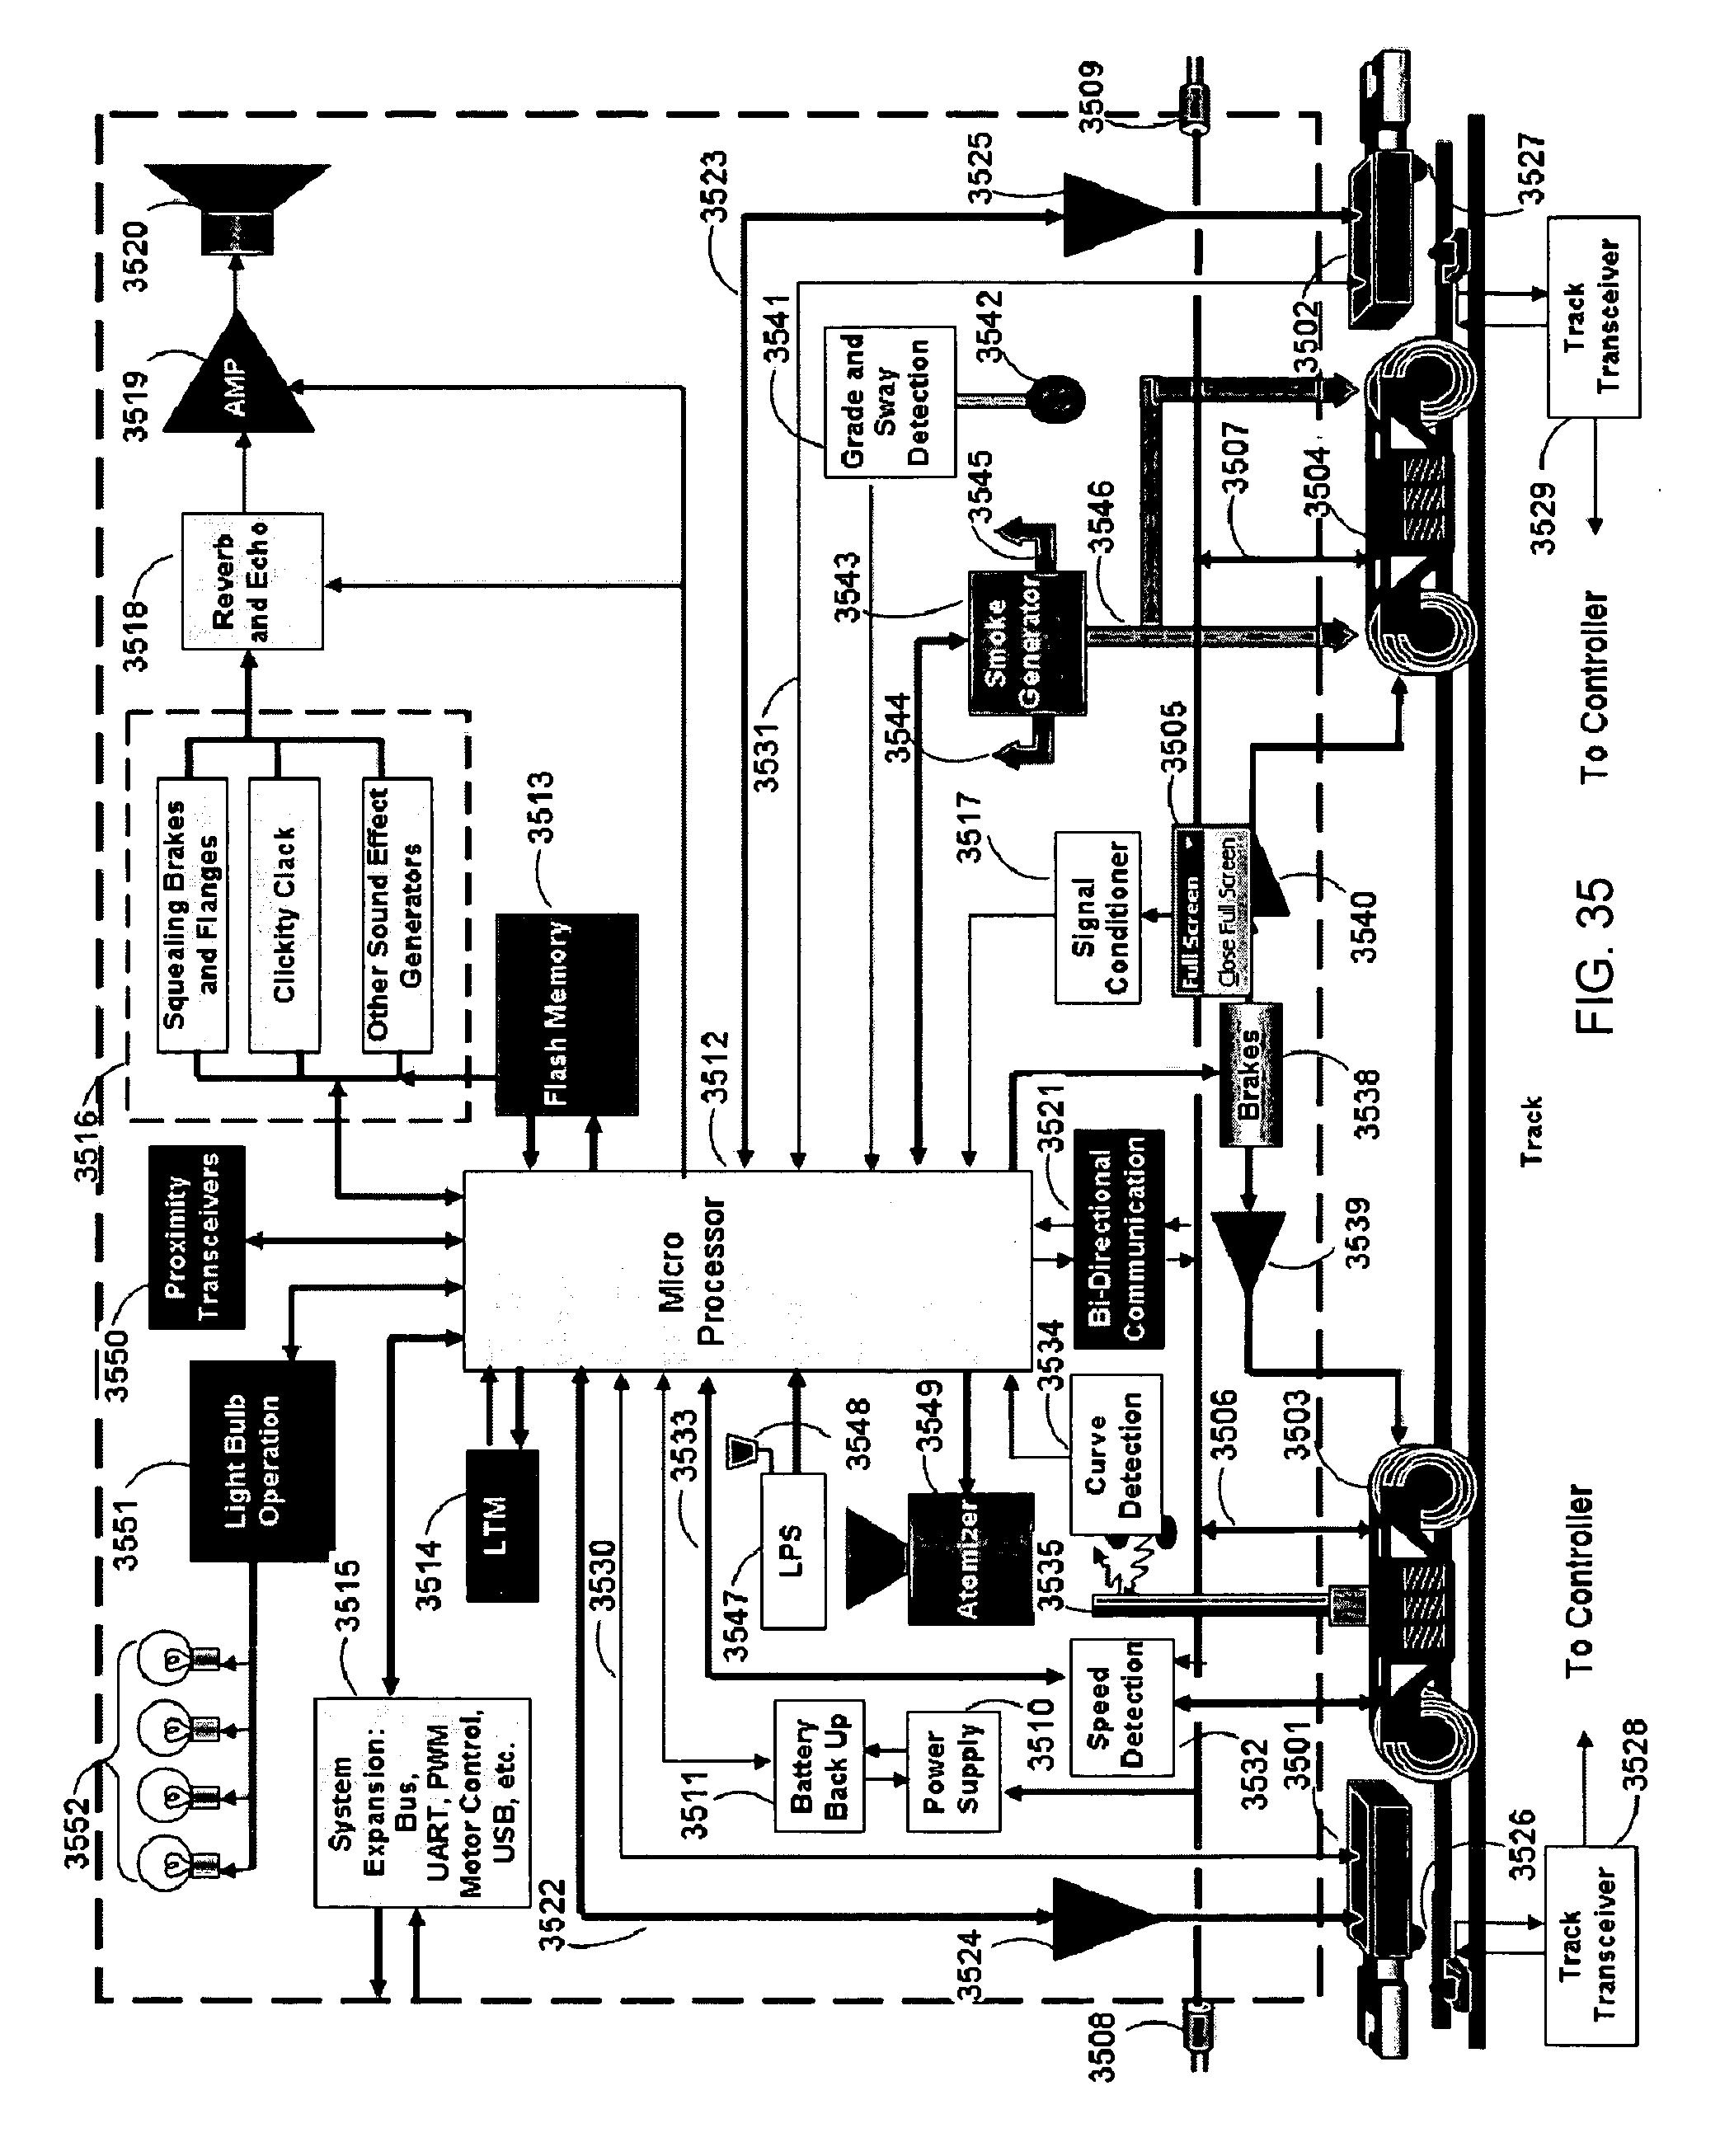 patent us20070001058